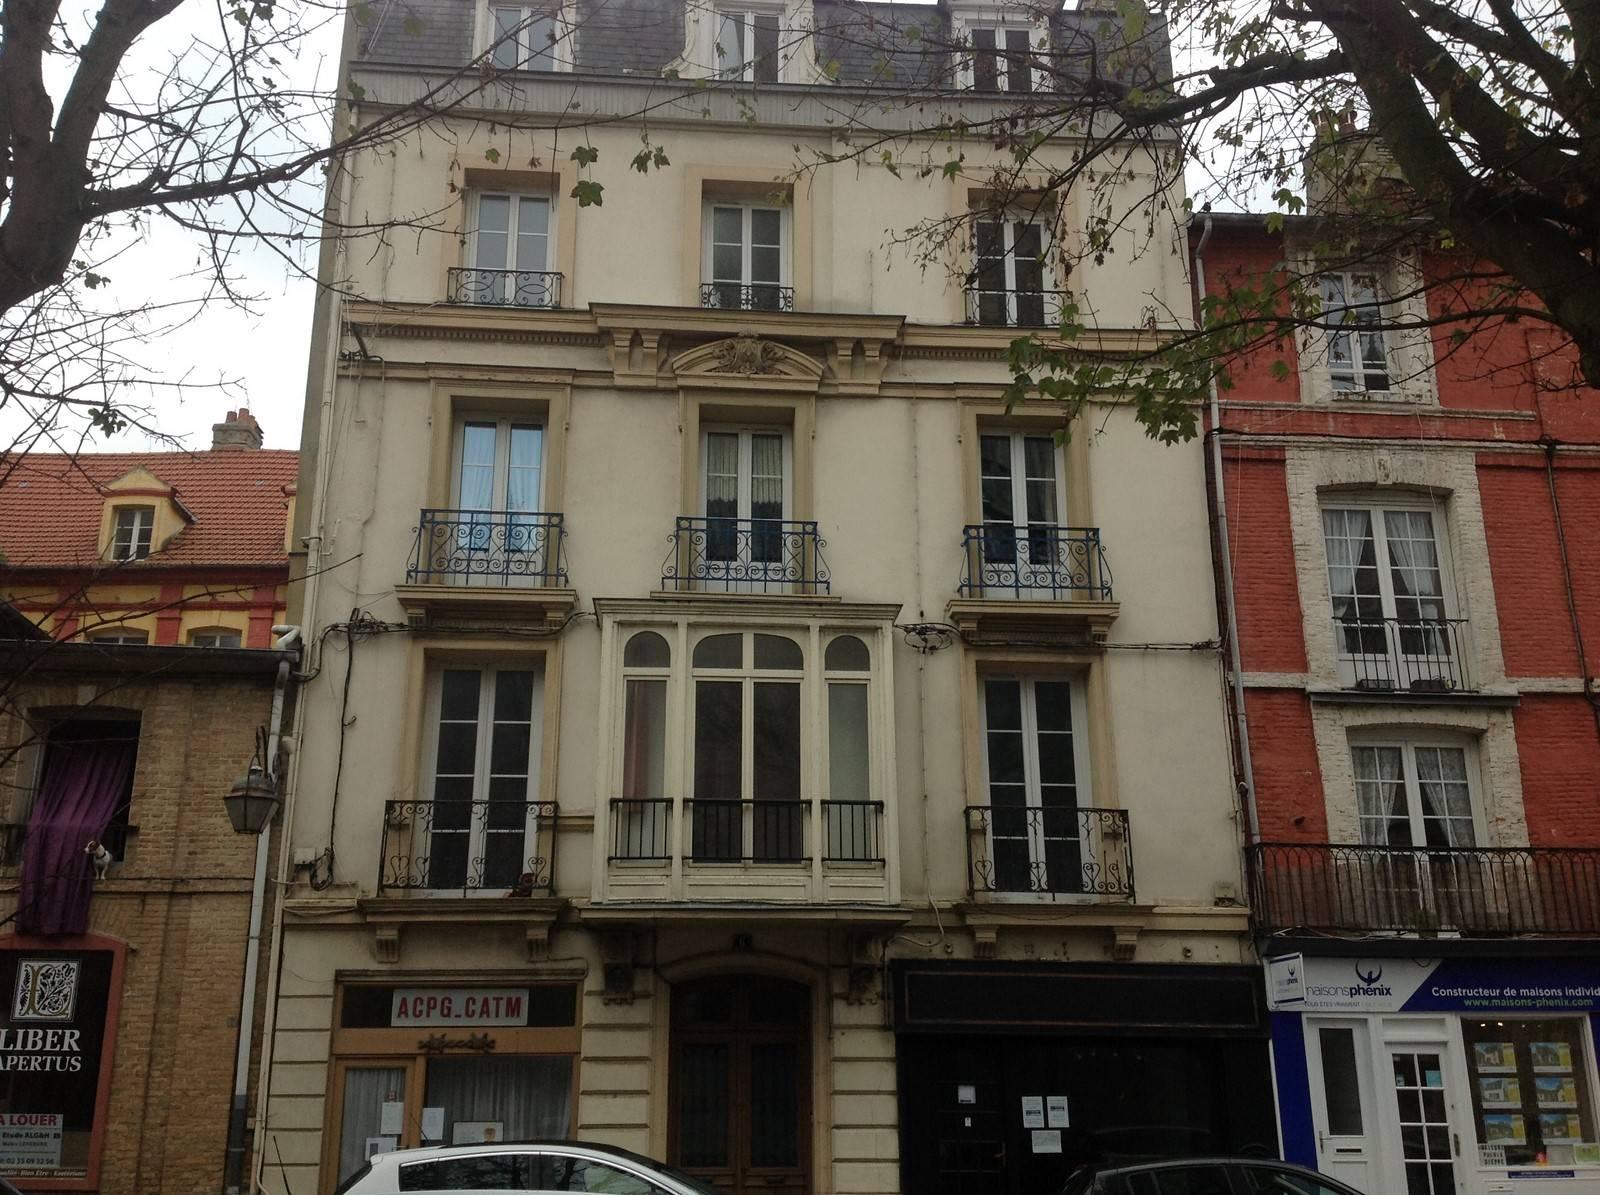 Appartement en centre ville de dieppe 76 terres et demeures de normandie - Appartement de ville paris ...